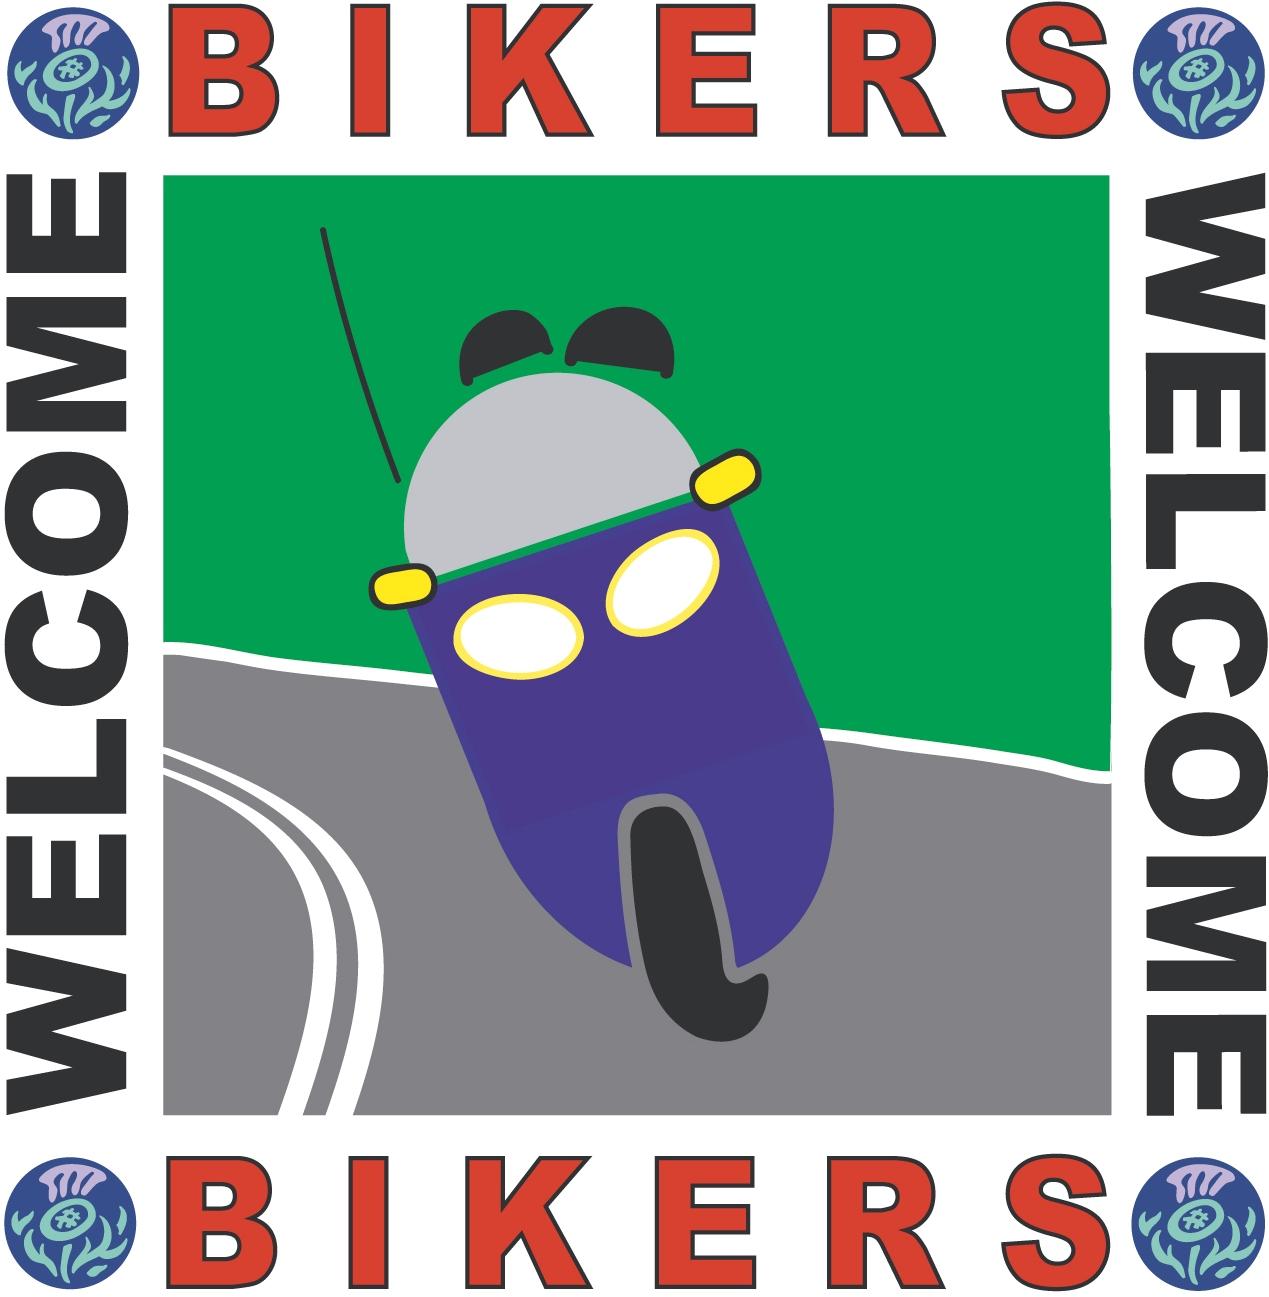 Bikers welcome scheme